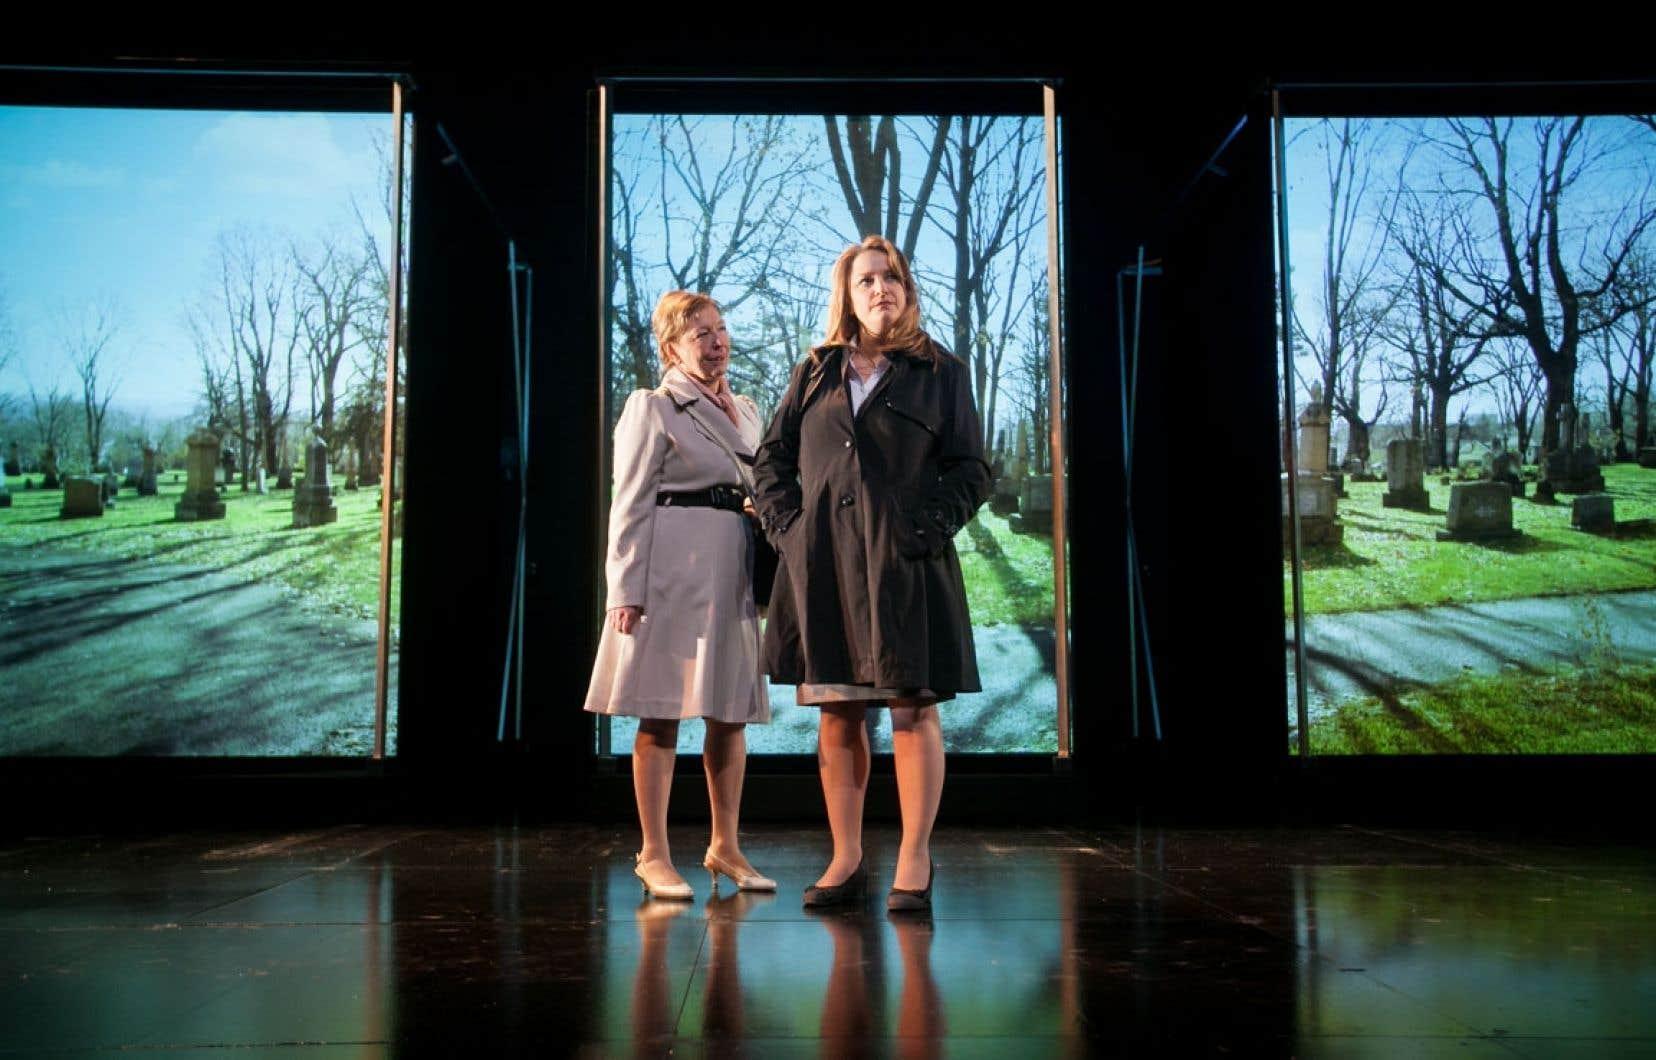 Les comédiens de Frozen (Marie-Ginette Guay et Nancy Bernier sur la photo) évoluent dans un décor d'images projetées. Ce processus, malgré sa beauté, fragilise la théâtralité.